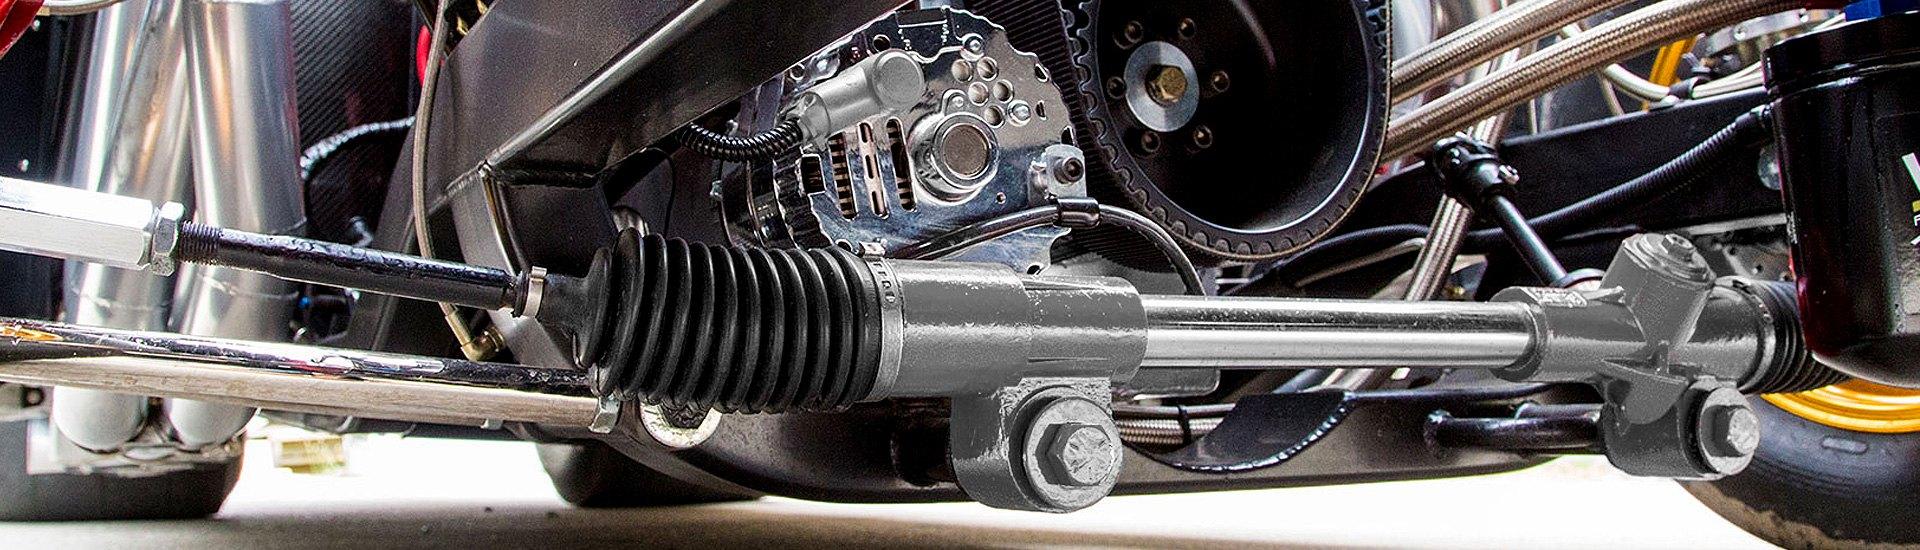 [Image: steering-parts.jpg]